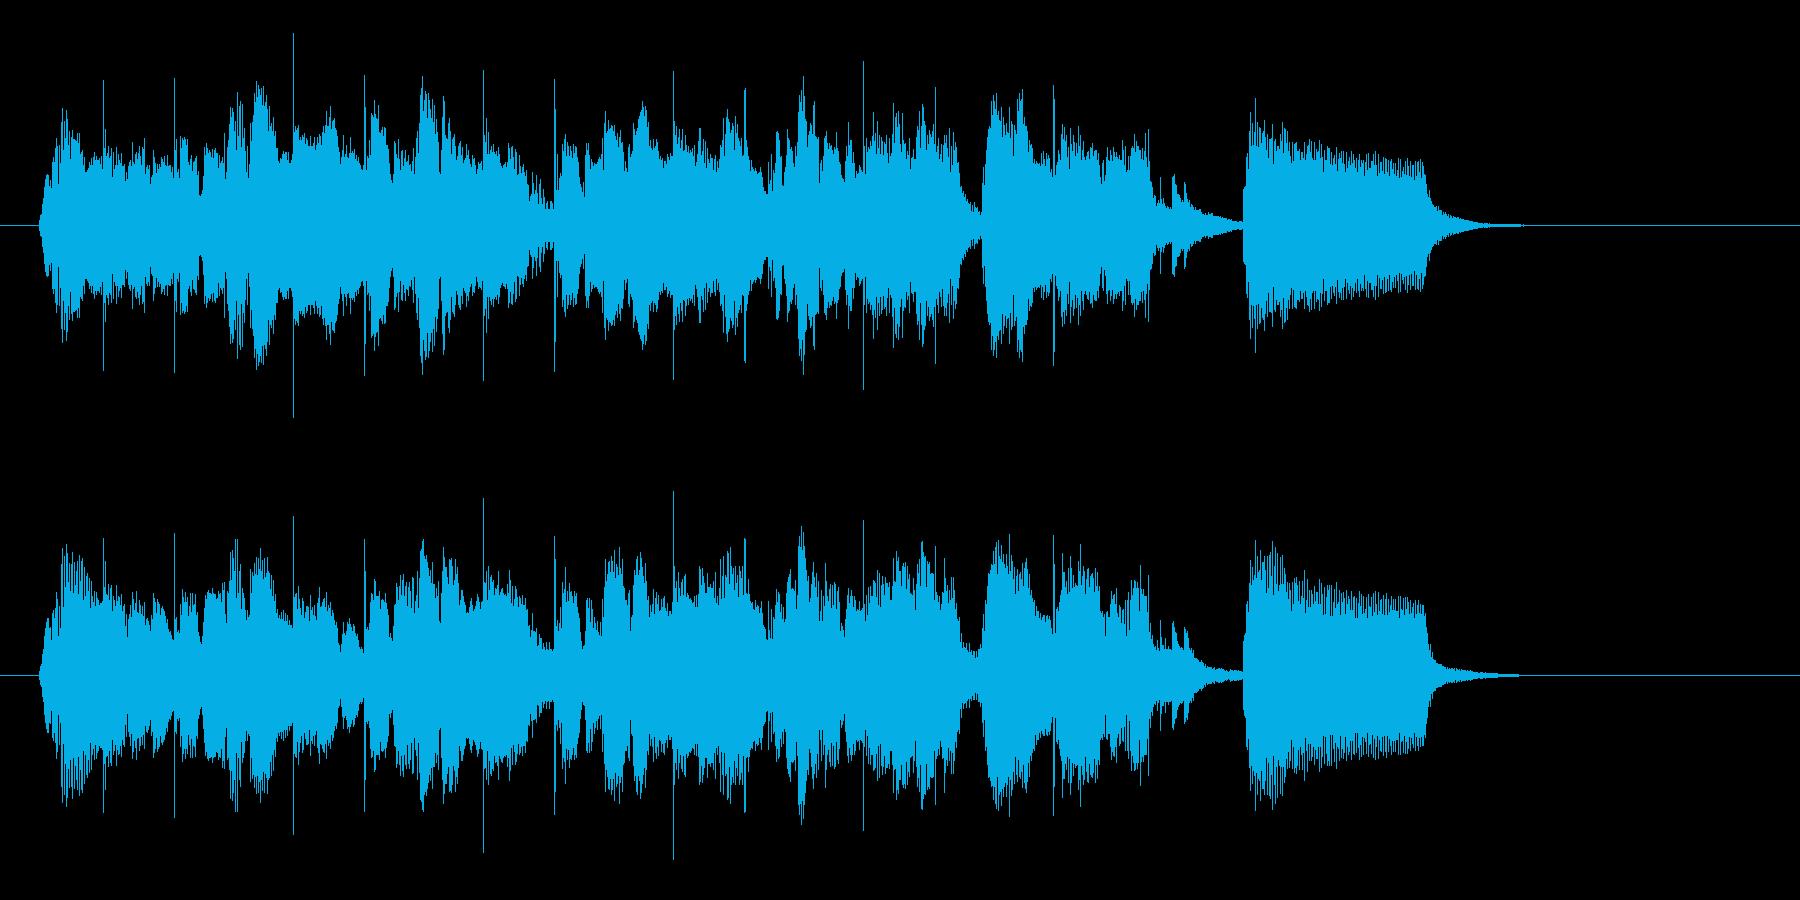 軽快なボサノバジングルの再生済みの波形